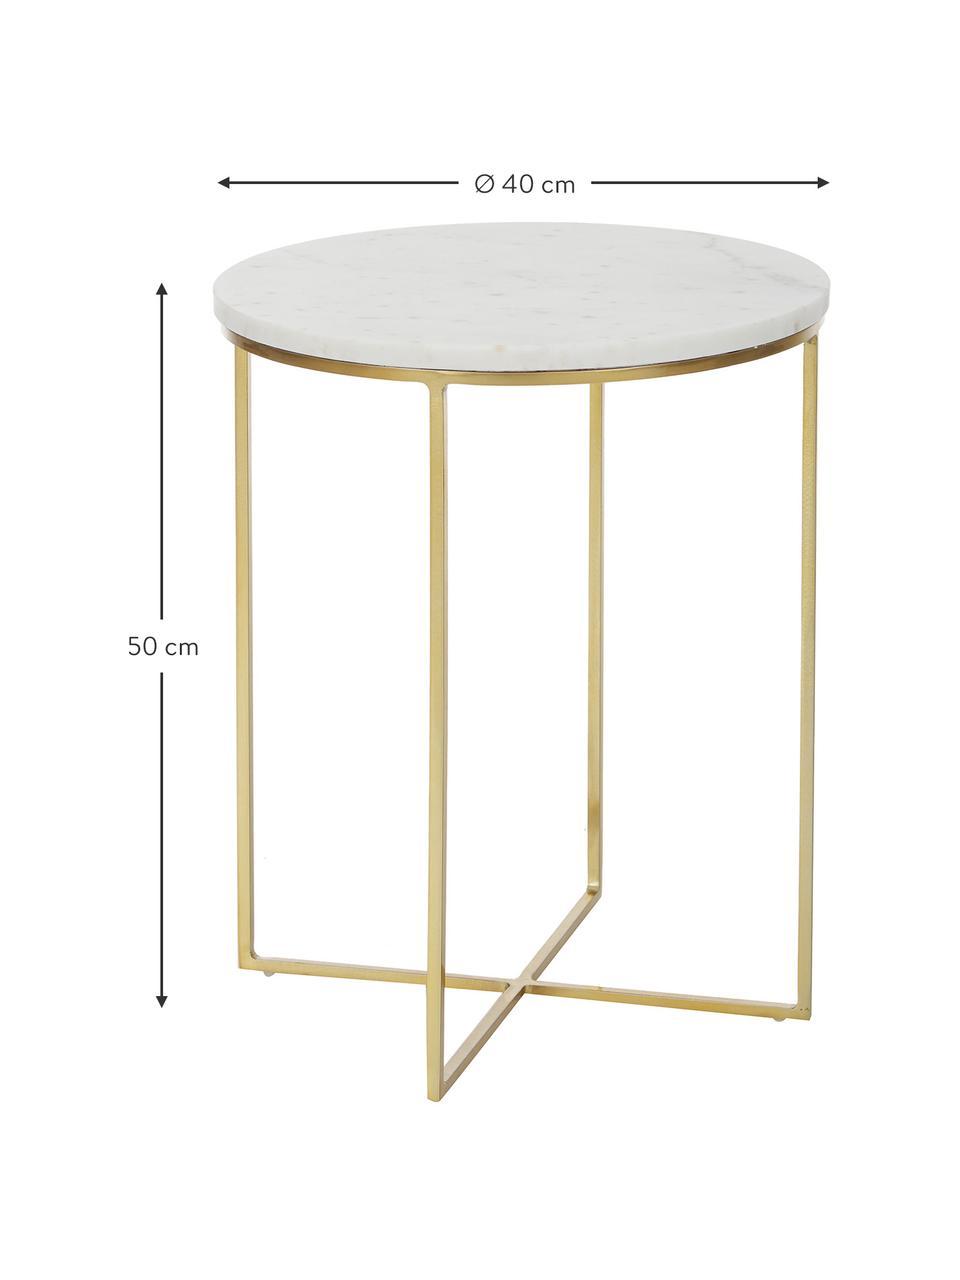 Okrągły stolik pomocniczy z marmuru Alys, Blat: marmur, Stelaż: metal malowany proszkowo, Blat: białoszary marmur Stelaż: odcienie złotego, błyszczący, Ø 40 x W 50 cm